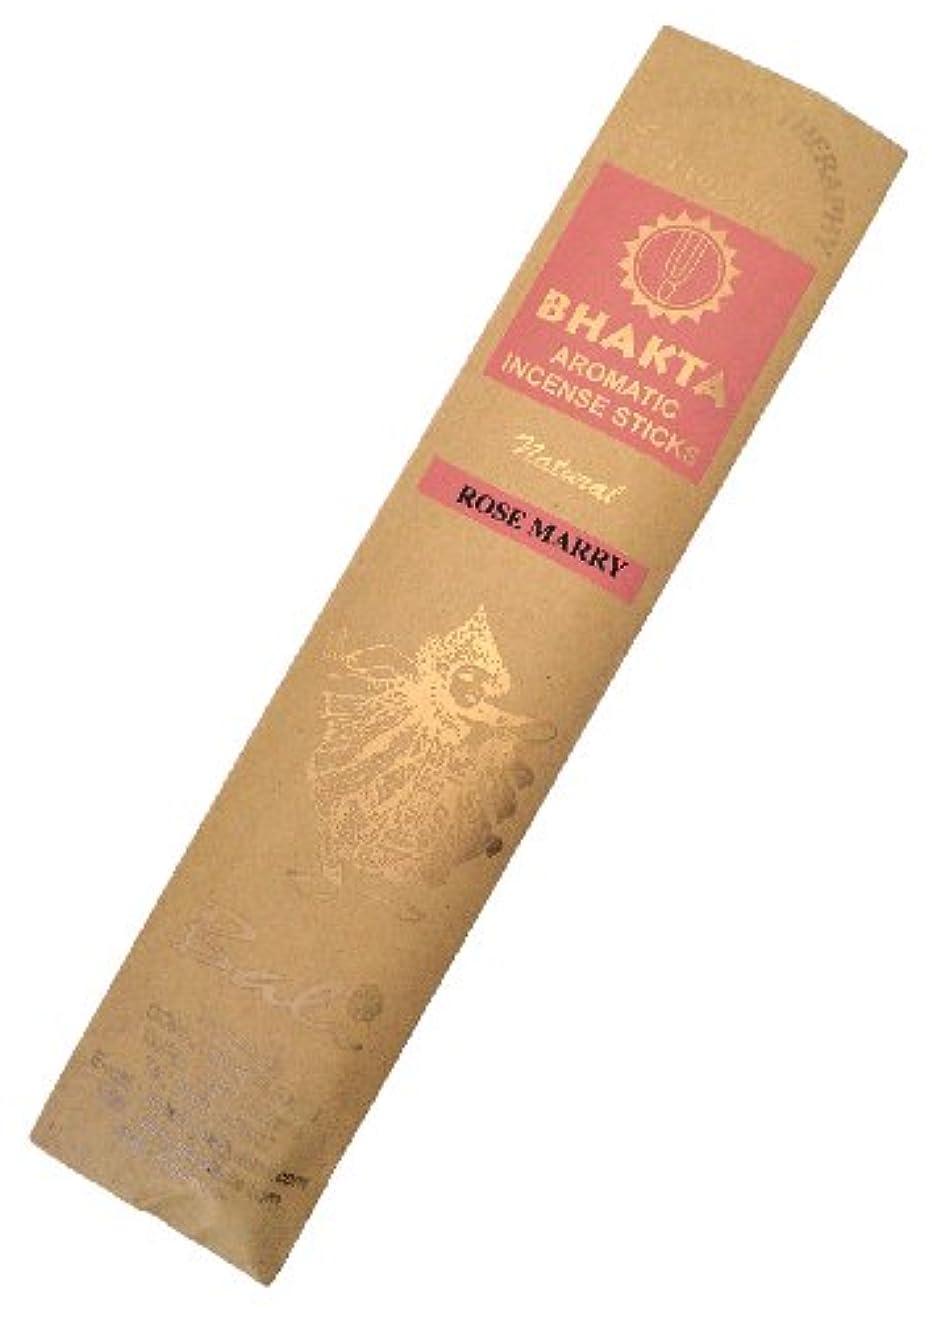 独創的粘着性お祝いお香 BHAKTA ナチュラル スティック 香(ローズマリー)ロングタイプ インセンス[アロマセラピー 癒し リラックス 雰囲気作り]インドネシア?バリ島のお香